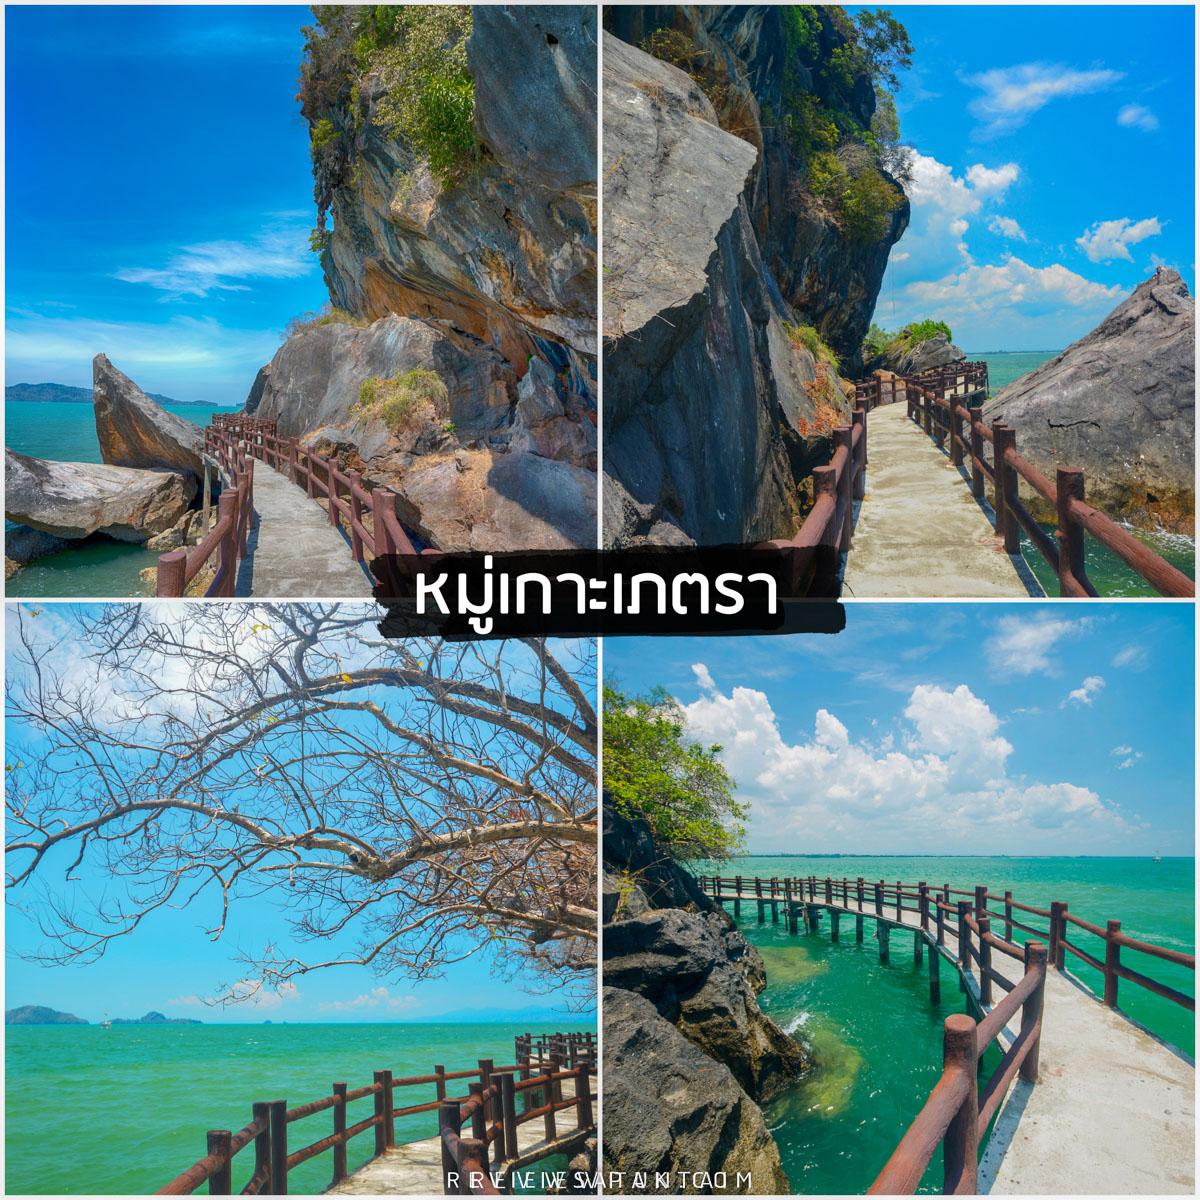 อุทยานแห่งชาติหมู่เกาะเภตรา ภายในเป็นวิวสะพานทะเลสวยๆ เด็ดๆต้องห้ามพลาด รายละเอียด คลิก จุดเช็คอิน,หลีเป๊ะ,สตูลสดยกกำลังสาม,satunwonderland,เที่ยวเมืองไทยAmazingกว่าเดิม,ชีพจรลงSouth